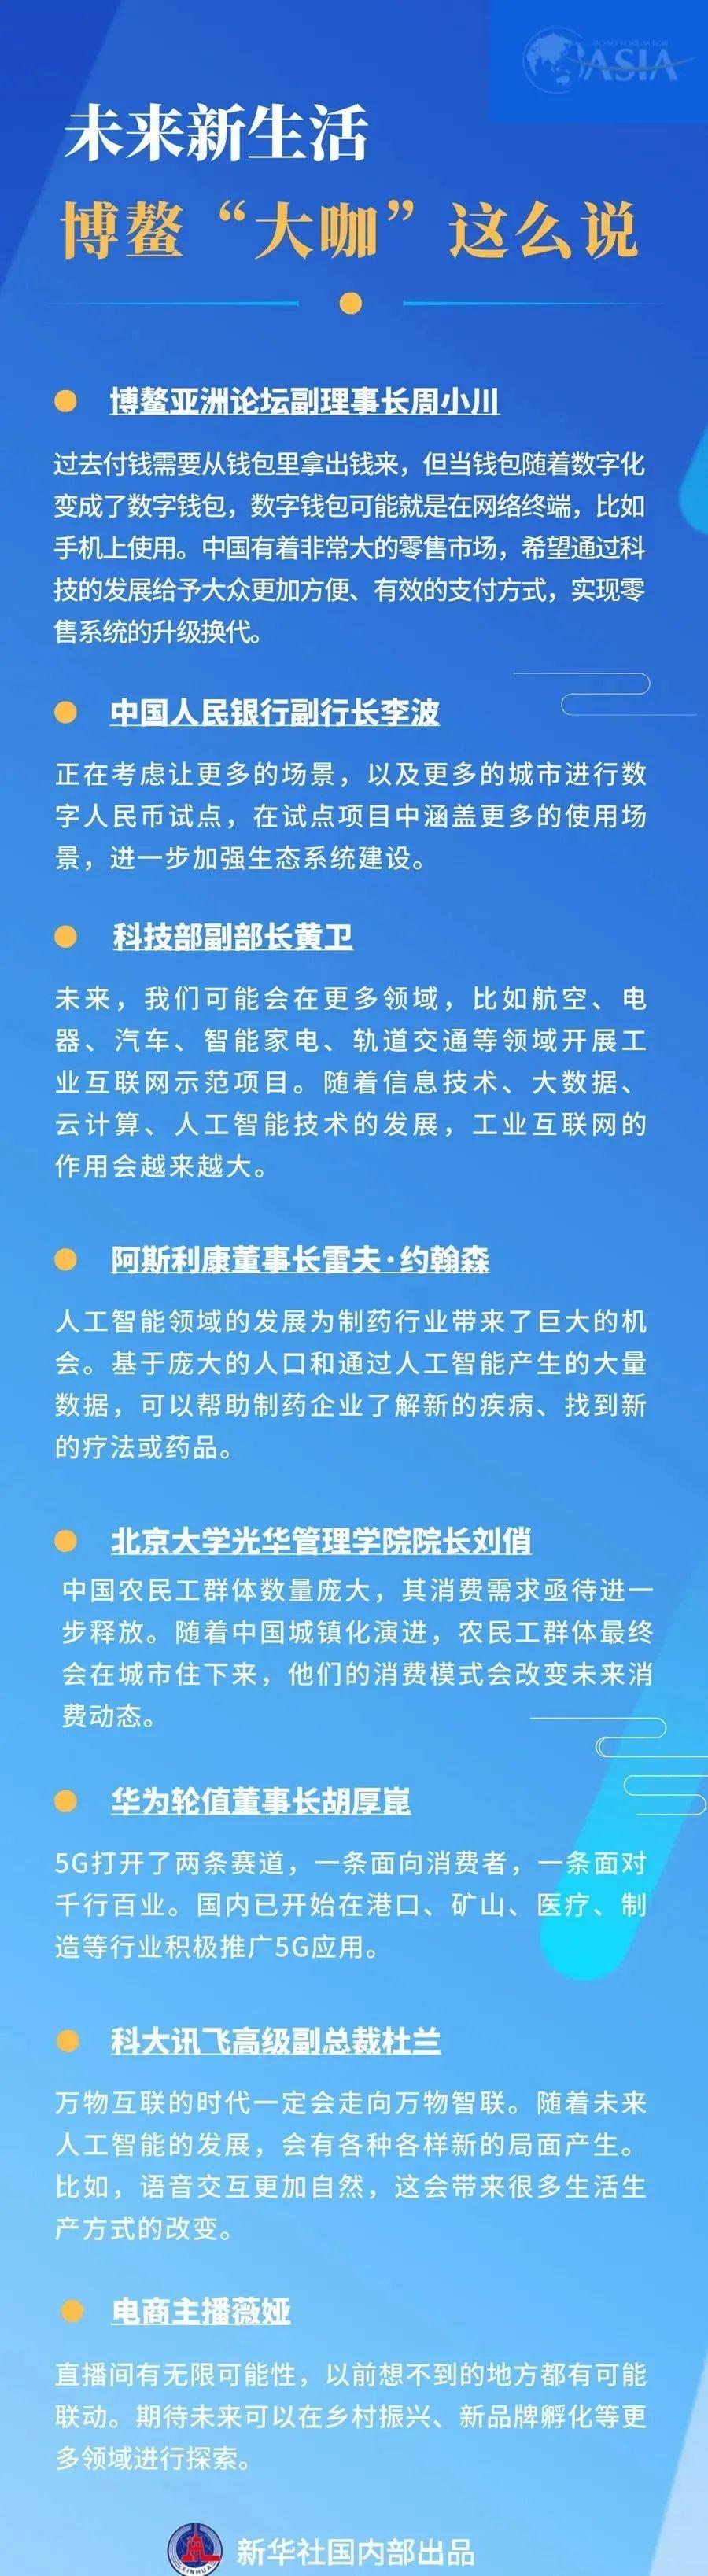 数字经济丨博鳌论坛热议数字经济,人工智能依然是2021最大风口